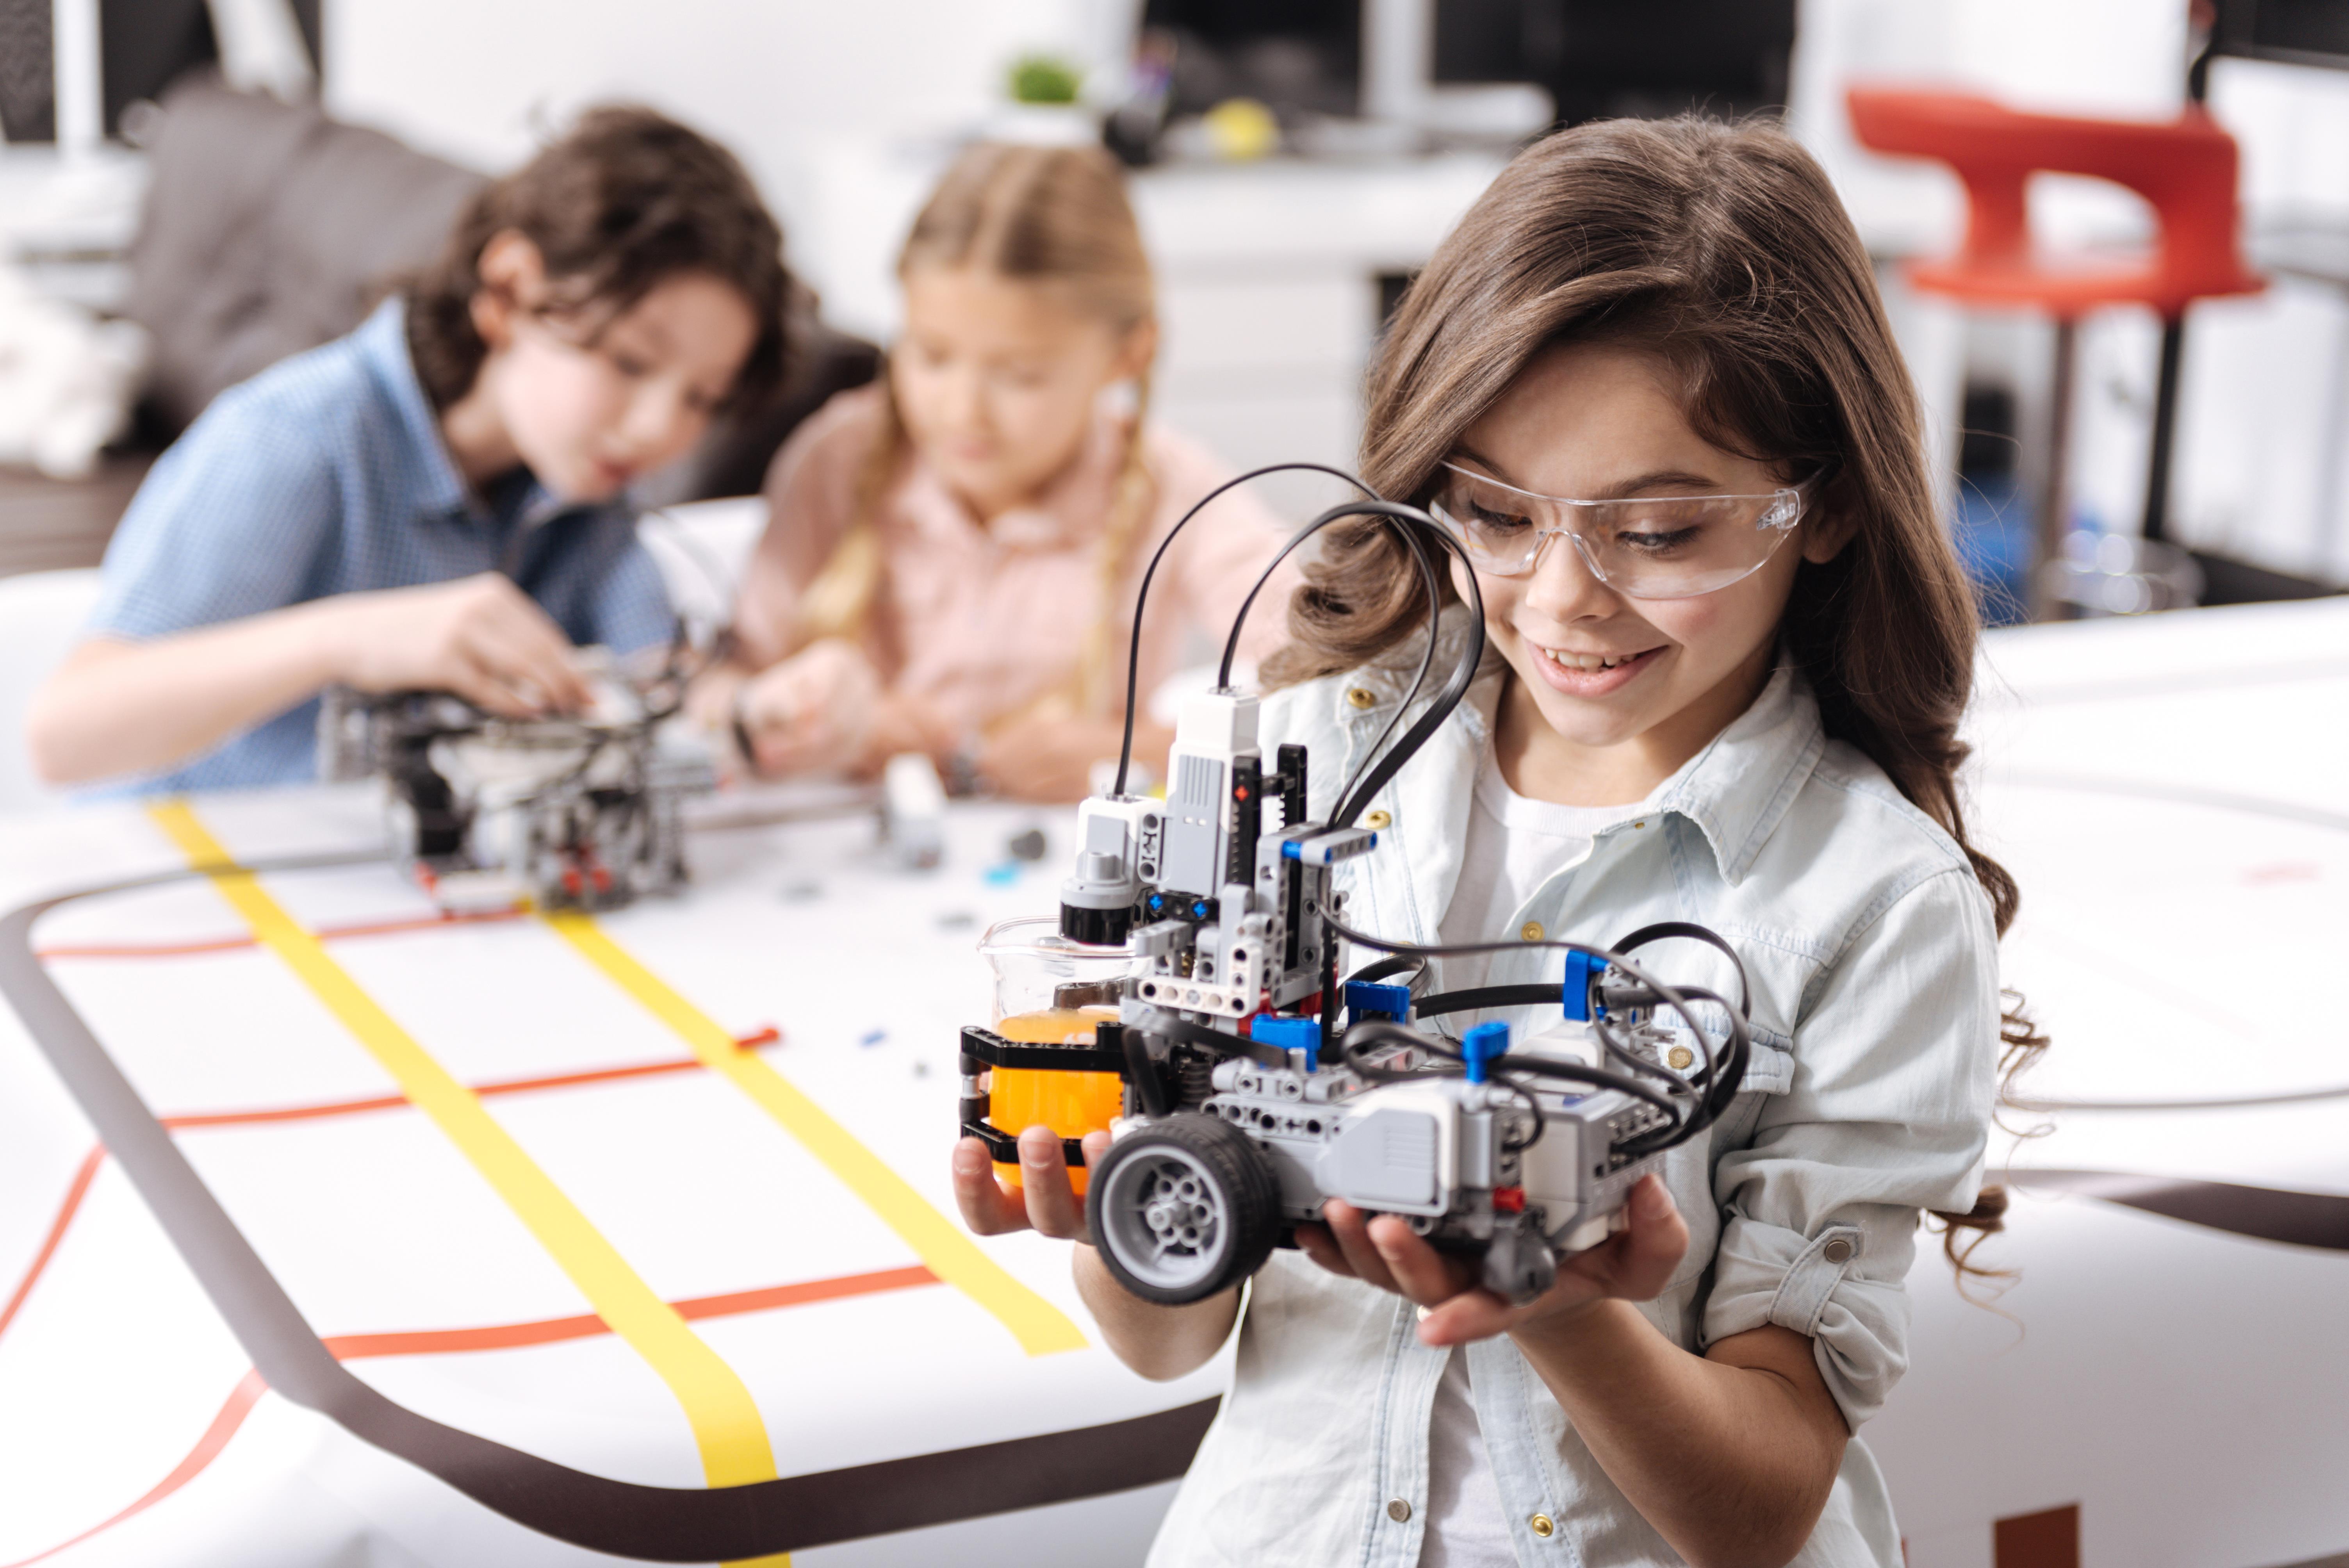 Brinquedos STEM para aprender sobre tecnologia